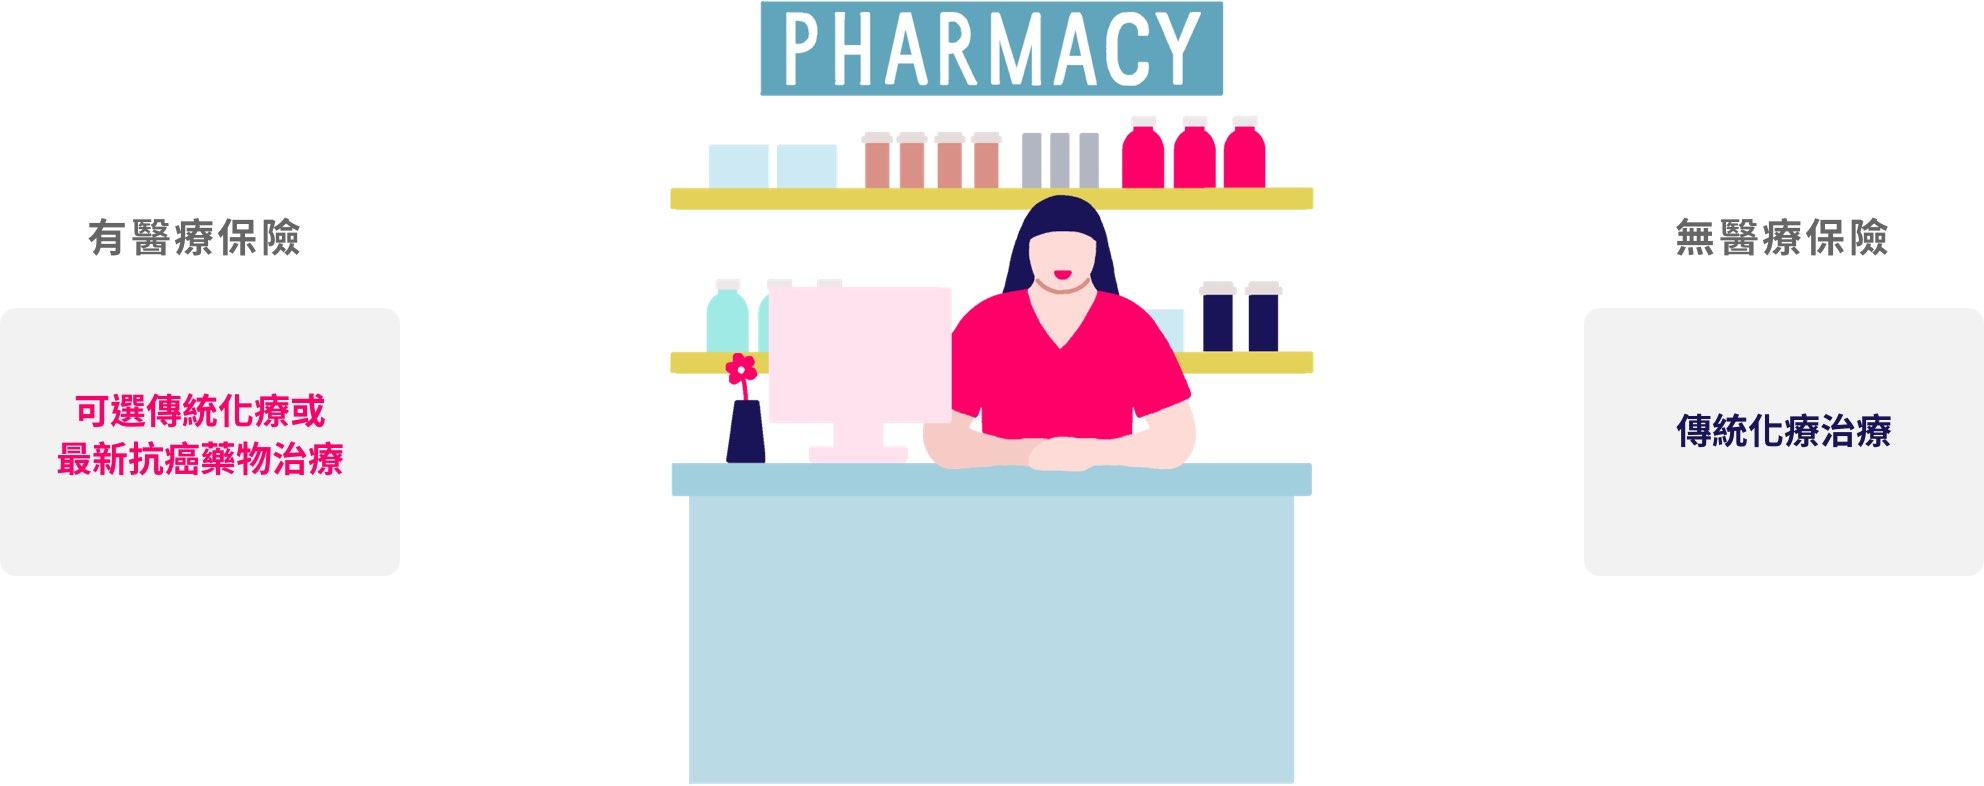 享有新藥治療權利